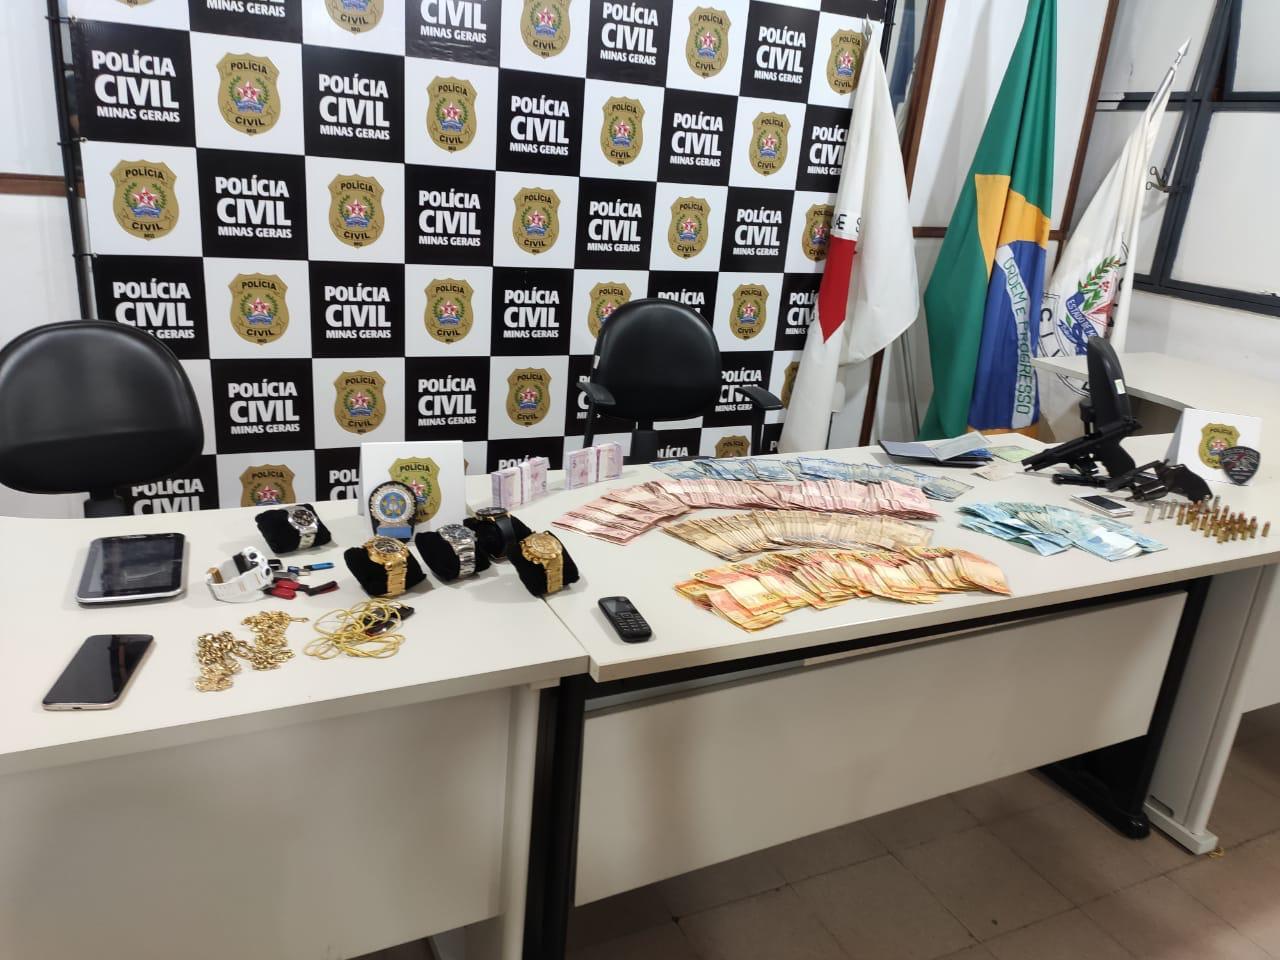 Polícia prendem suspeitos de roubo a banco em Juiz de Fora - Foto: Divulgação/PCMG